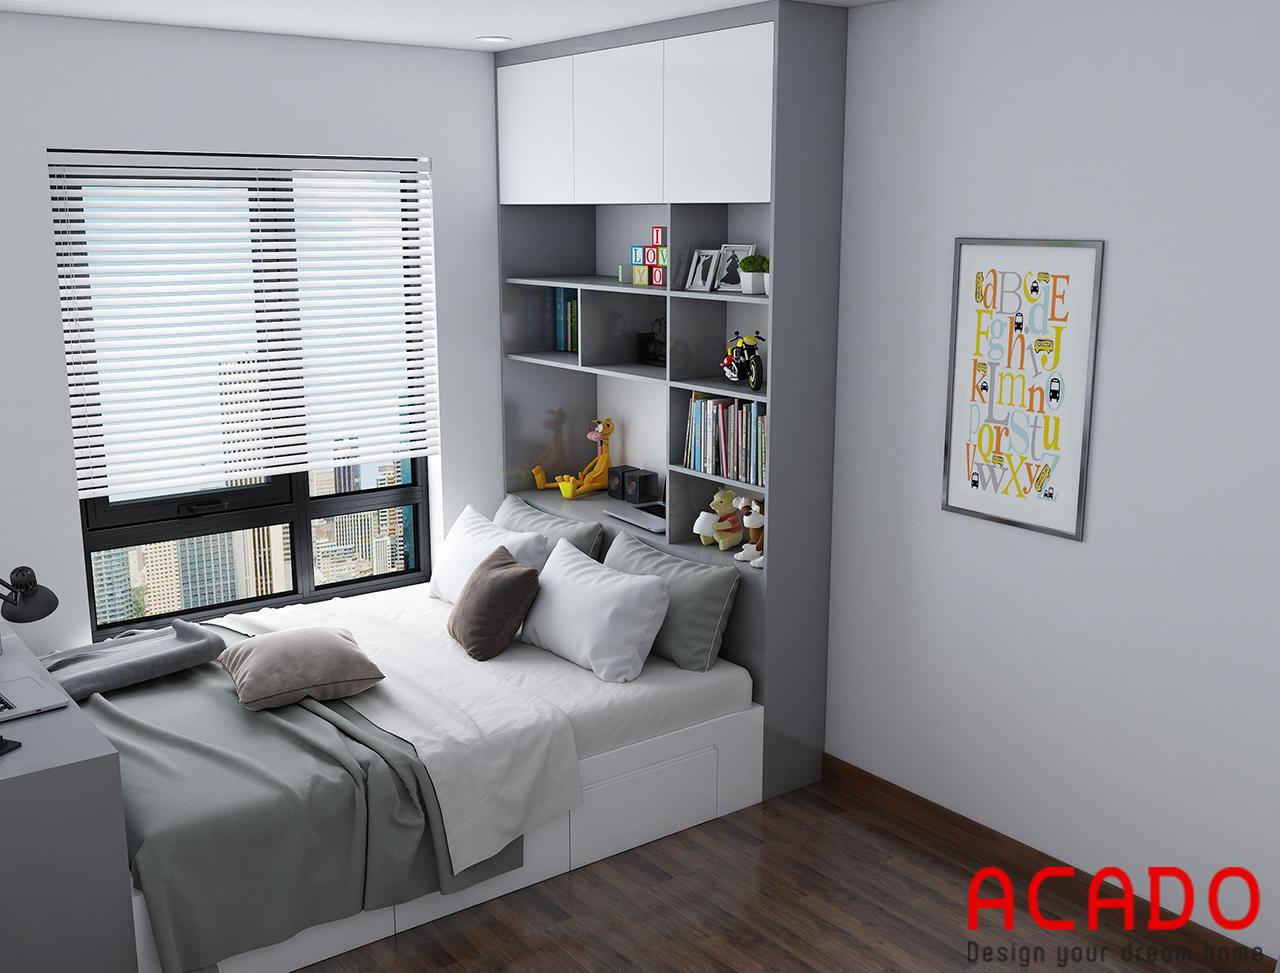 Phía đầu giường có thiết kế thêm tủ để đồ tiện lợi - thiết kế nội thất phòng ngủ 02